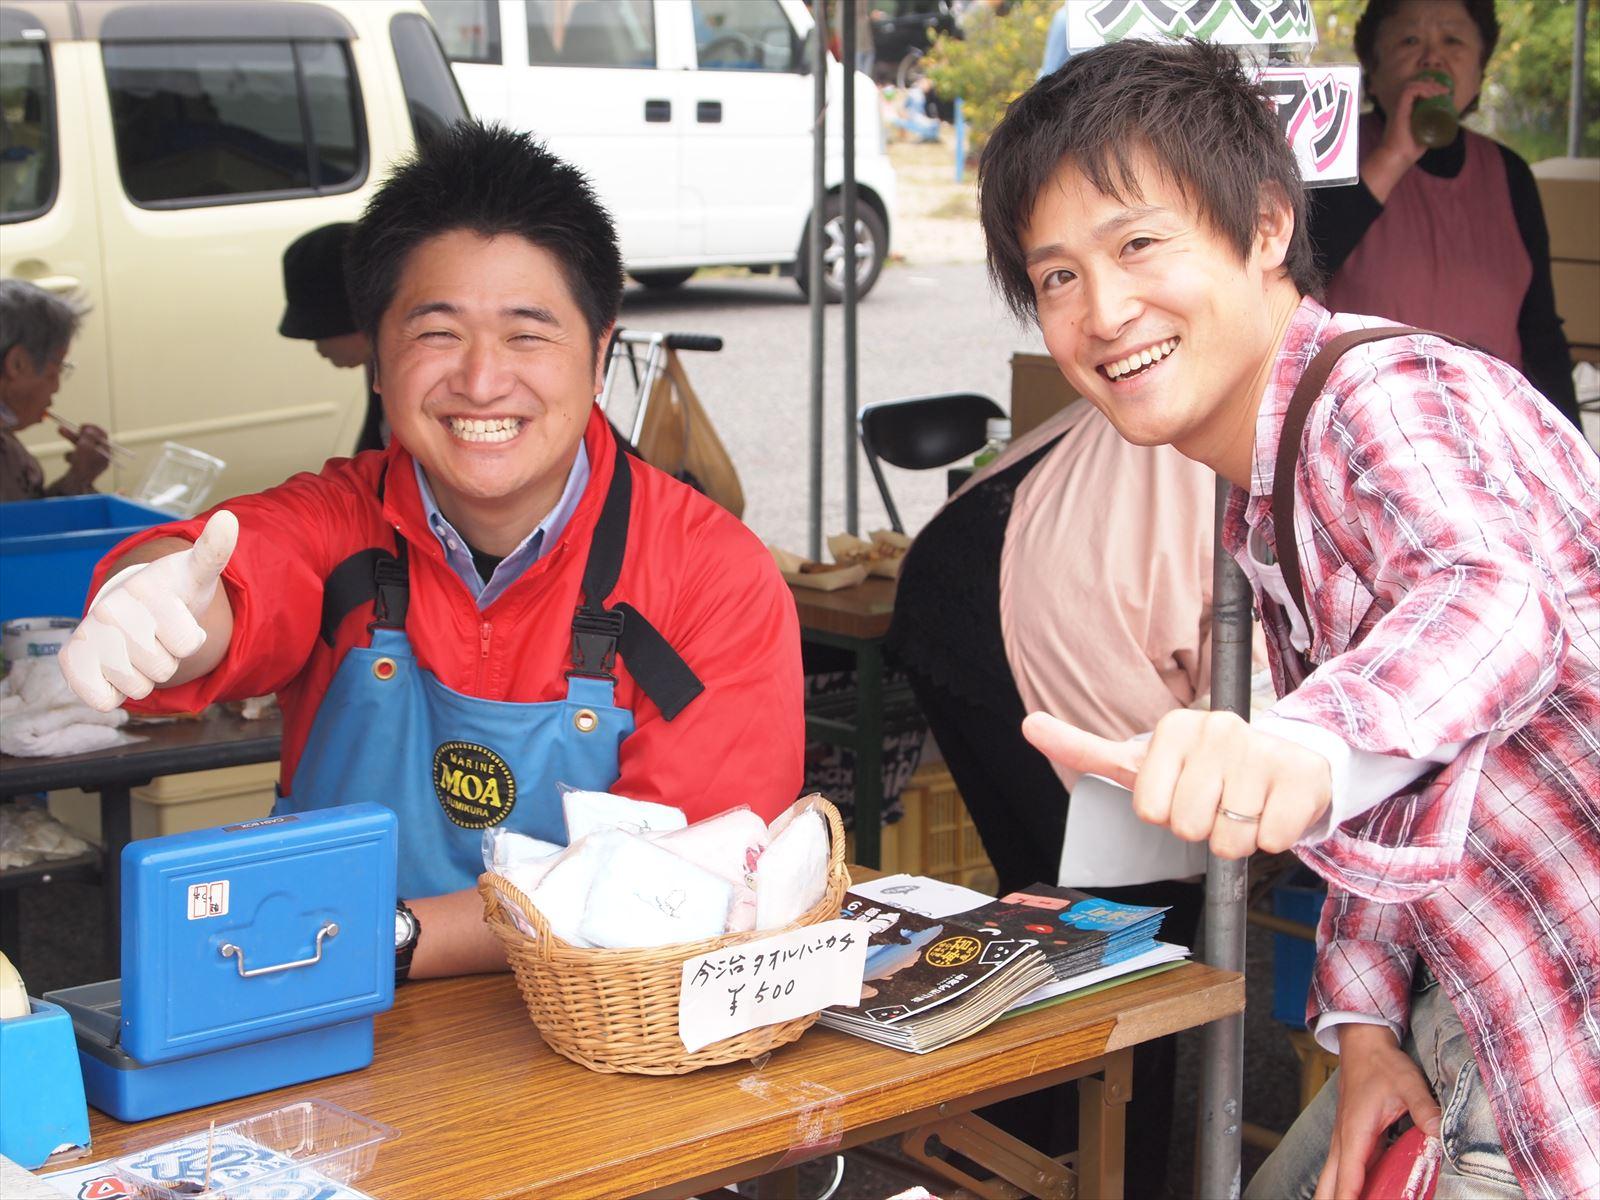 福山市内海町で開催されている「うつみ大漁まつり」に行ってきました